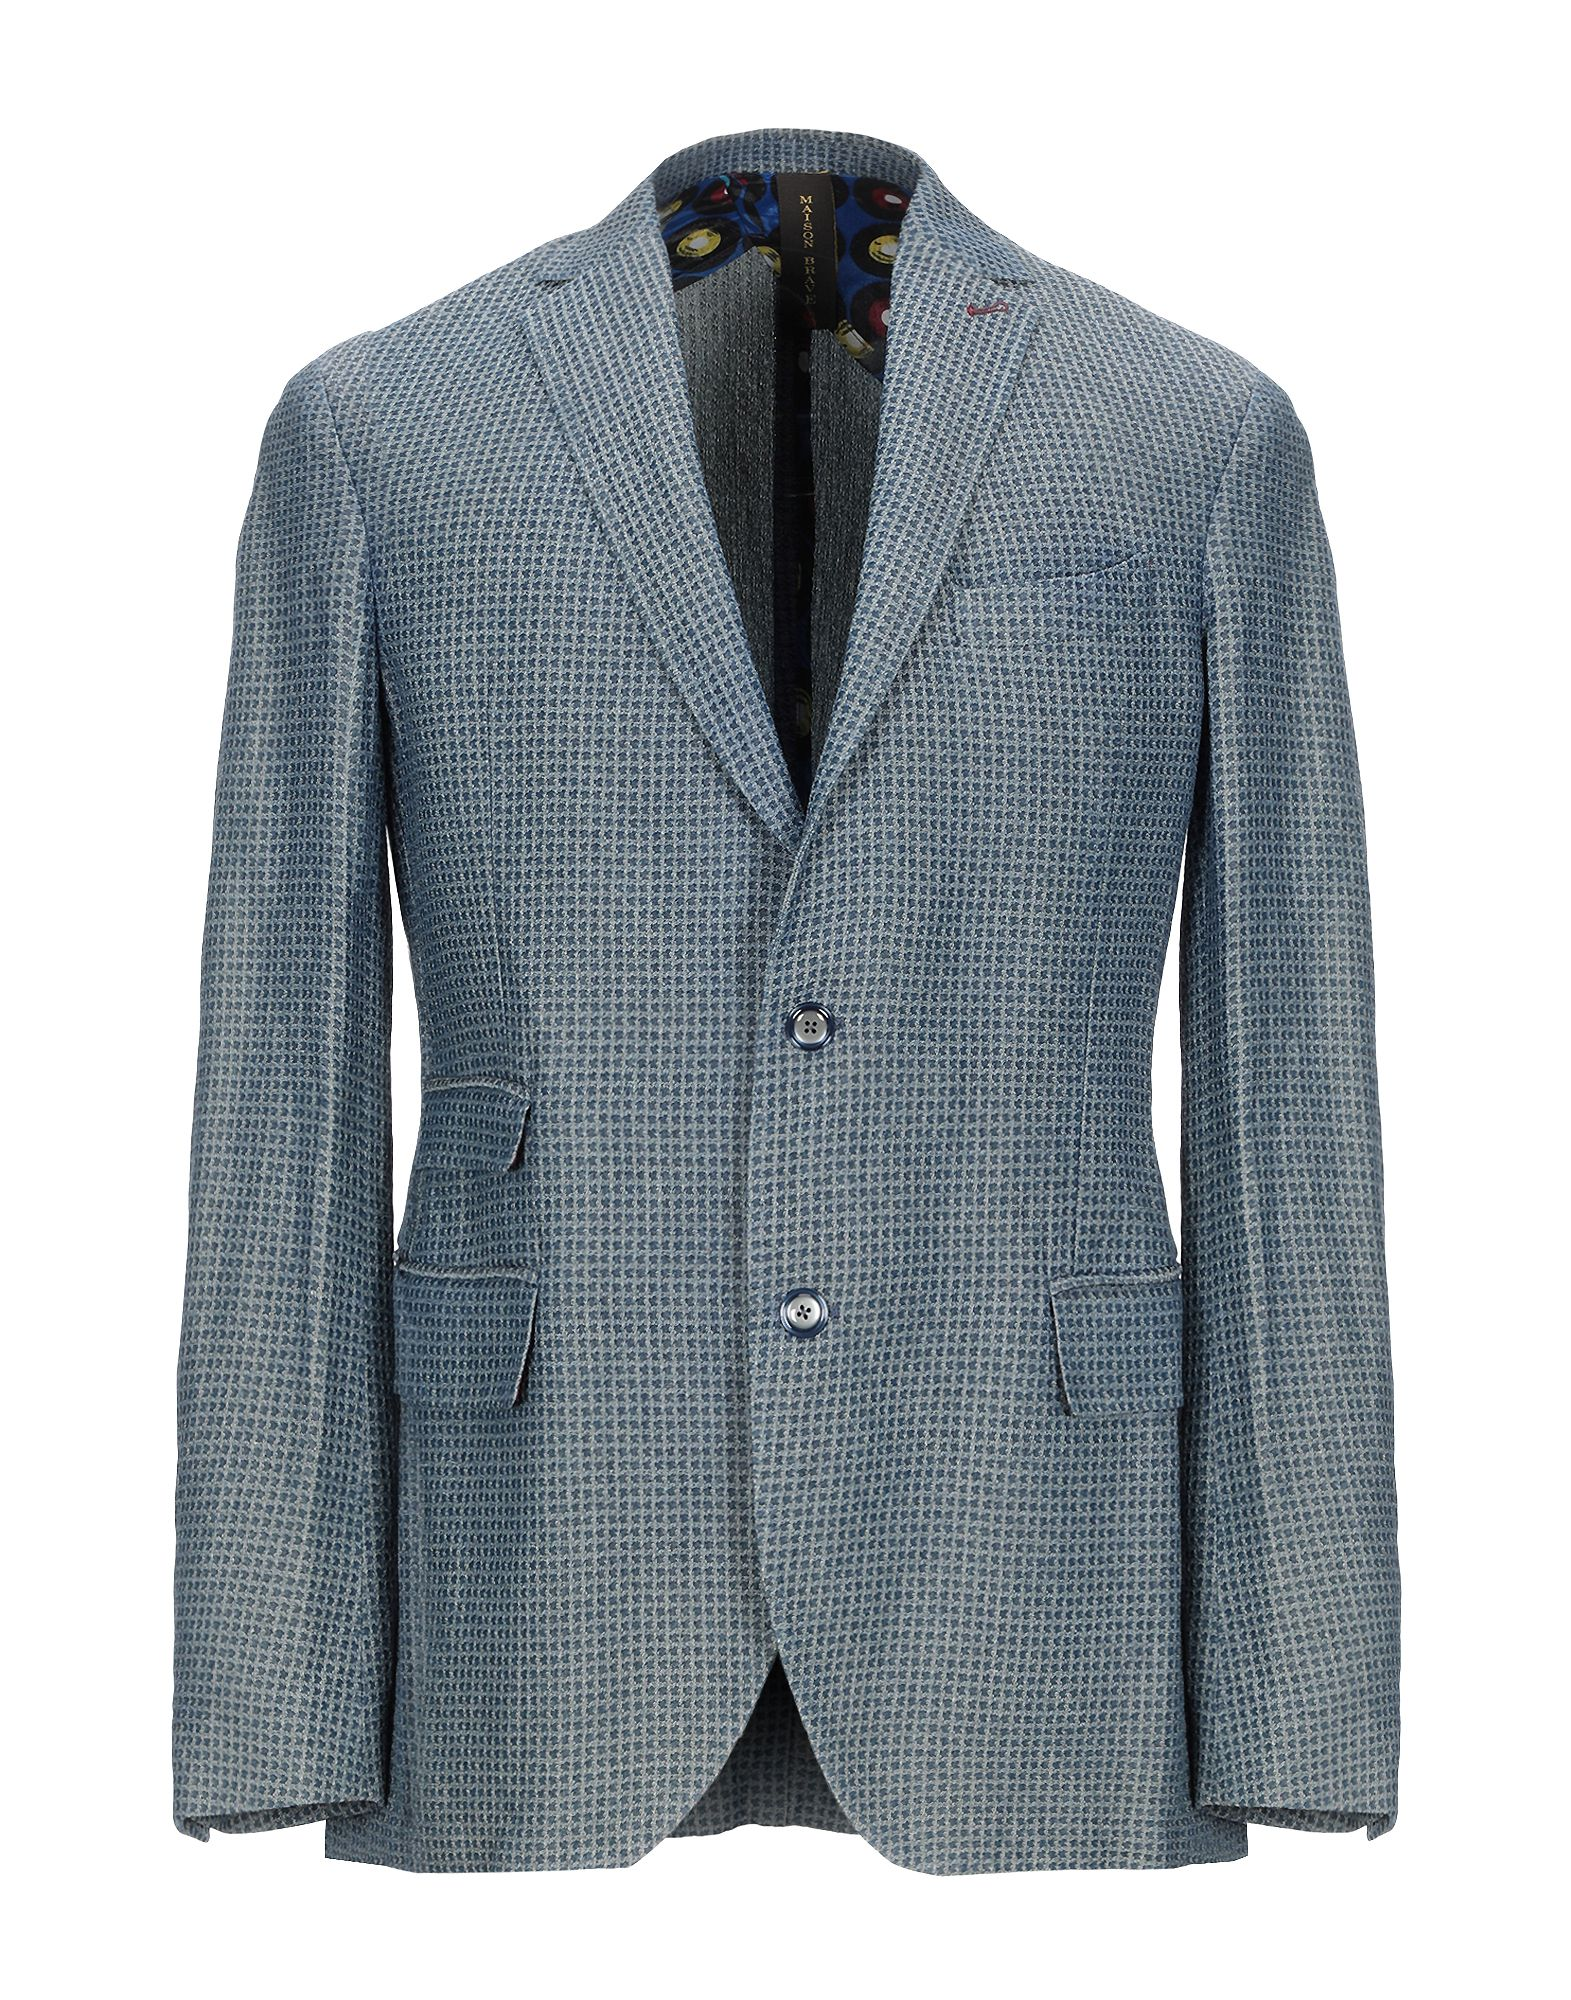 《セール開催中》MAISON BRAVE メンズ テーラードジャケット ブルーグレー 48 麻 58% / コットン 42%